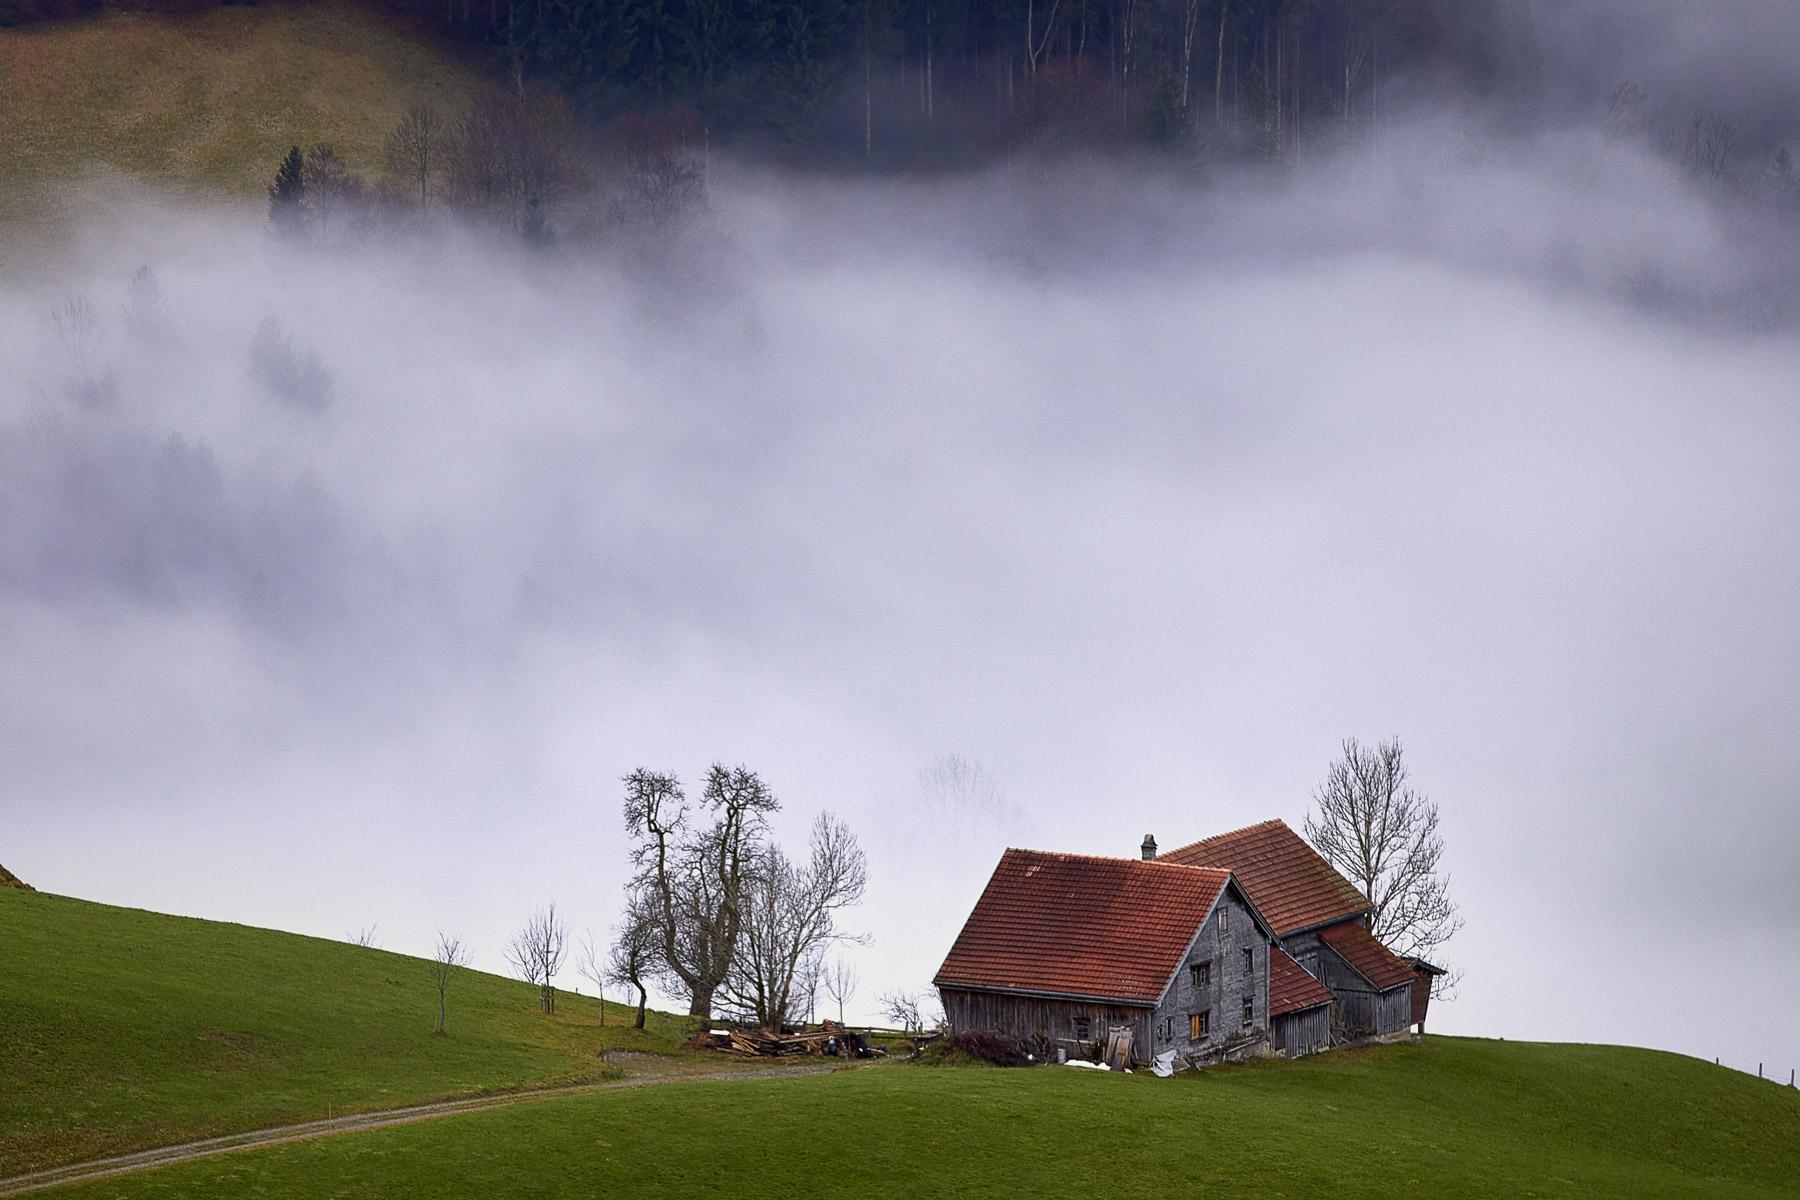 Appenzell Wohnhaus Nebel